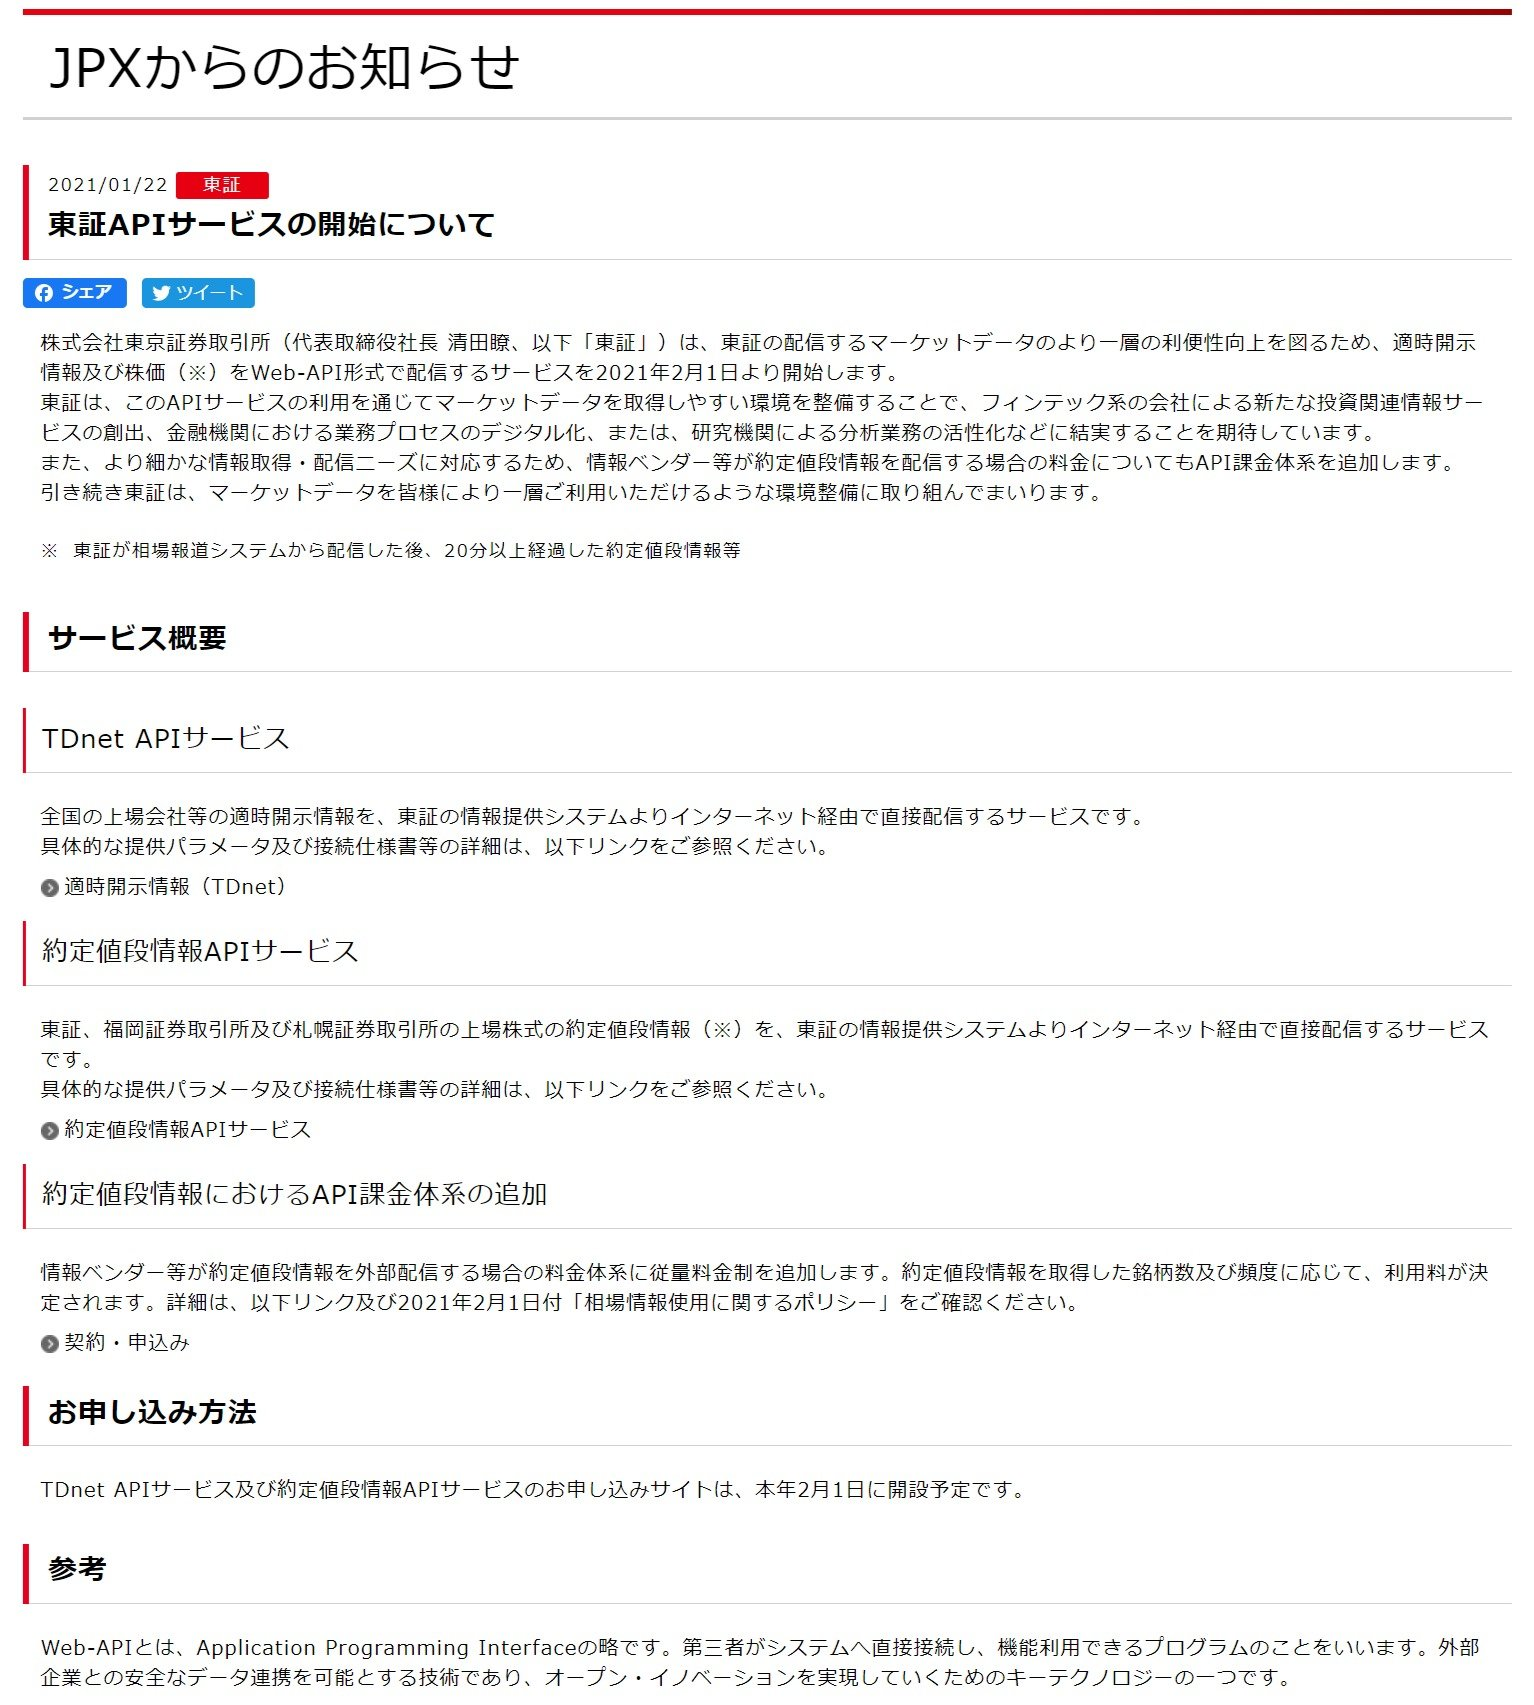 株価 の キー テクノロジー サイト